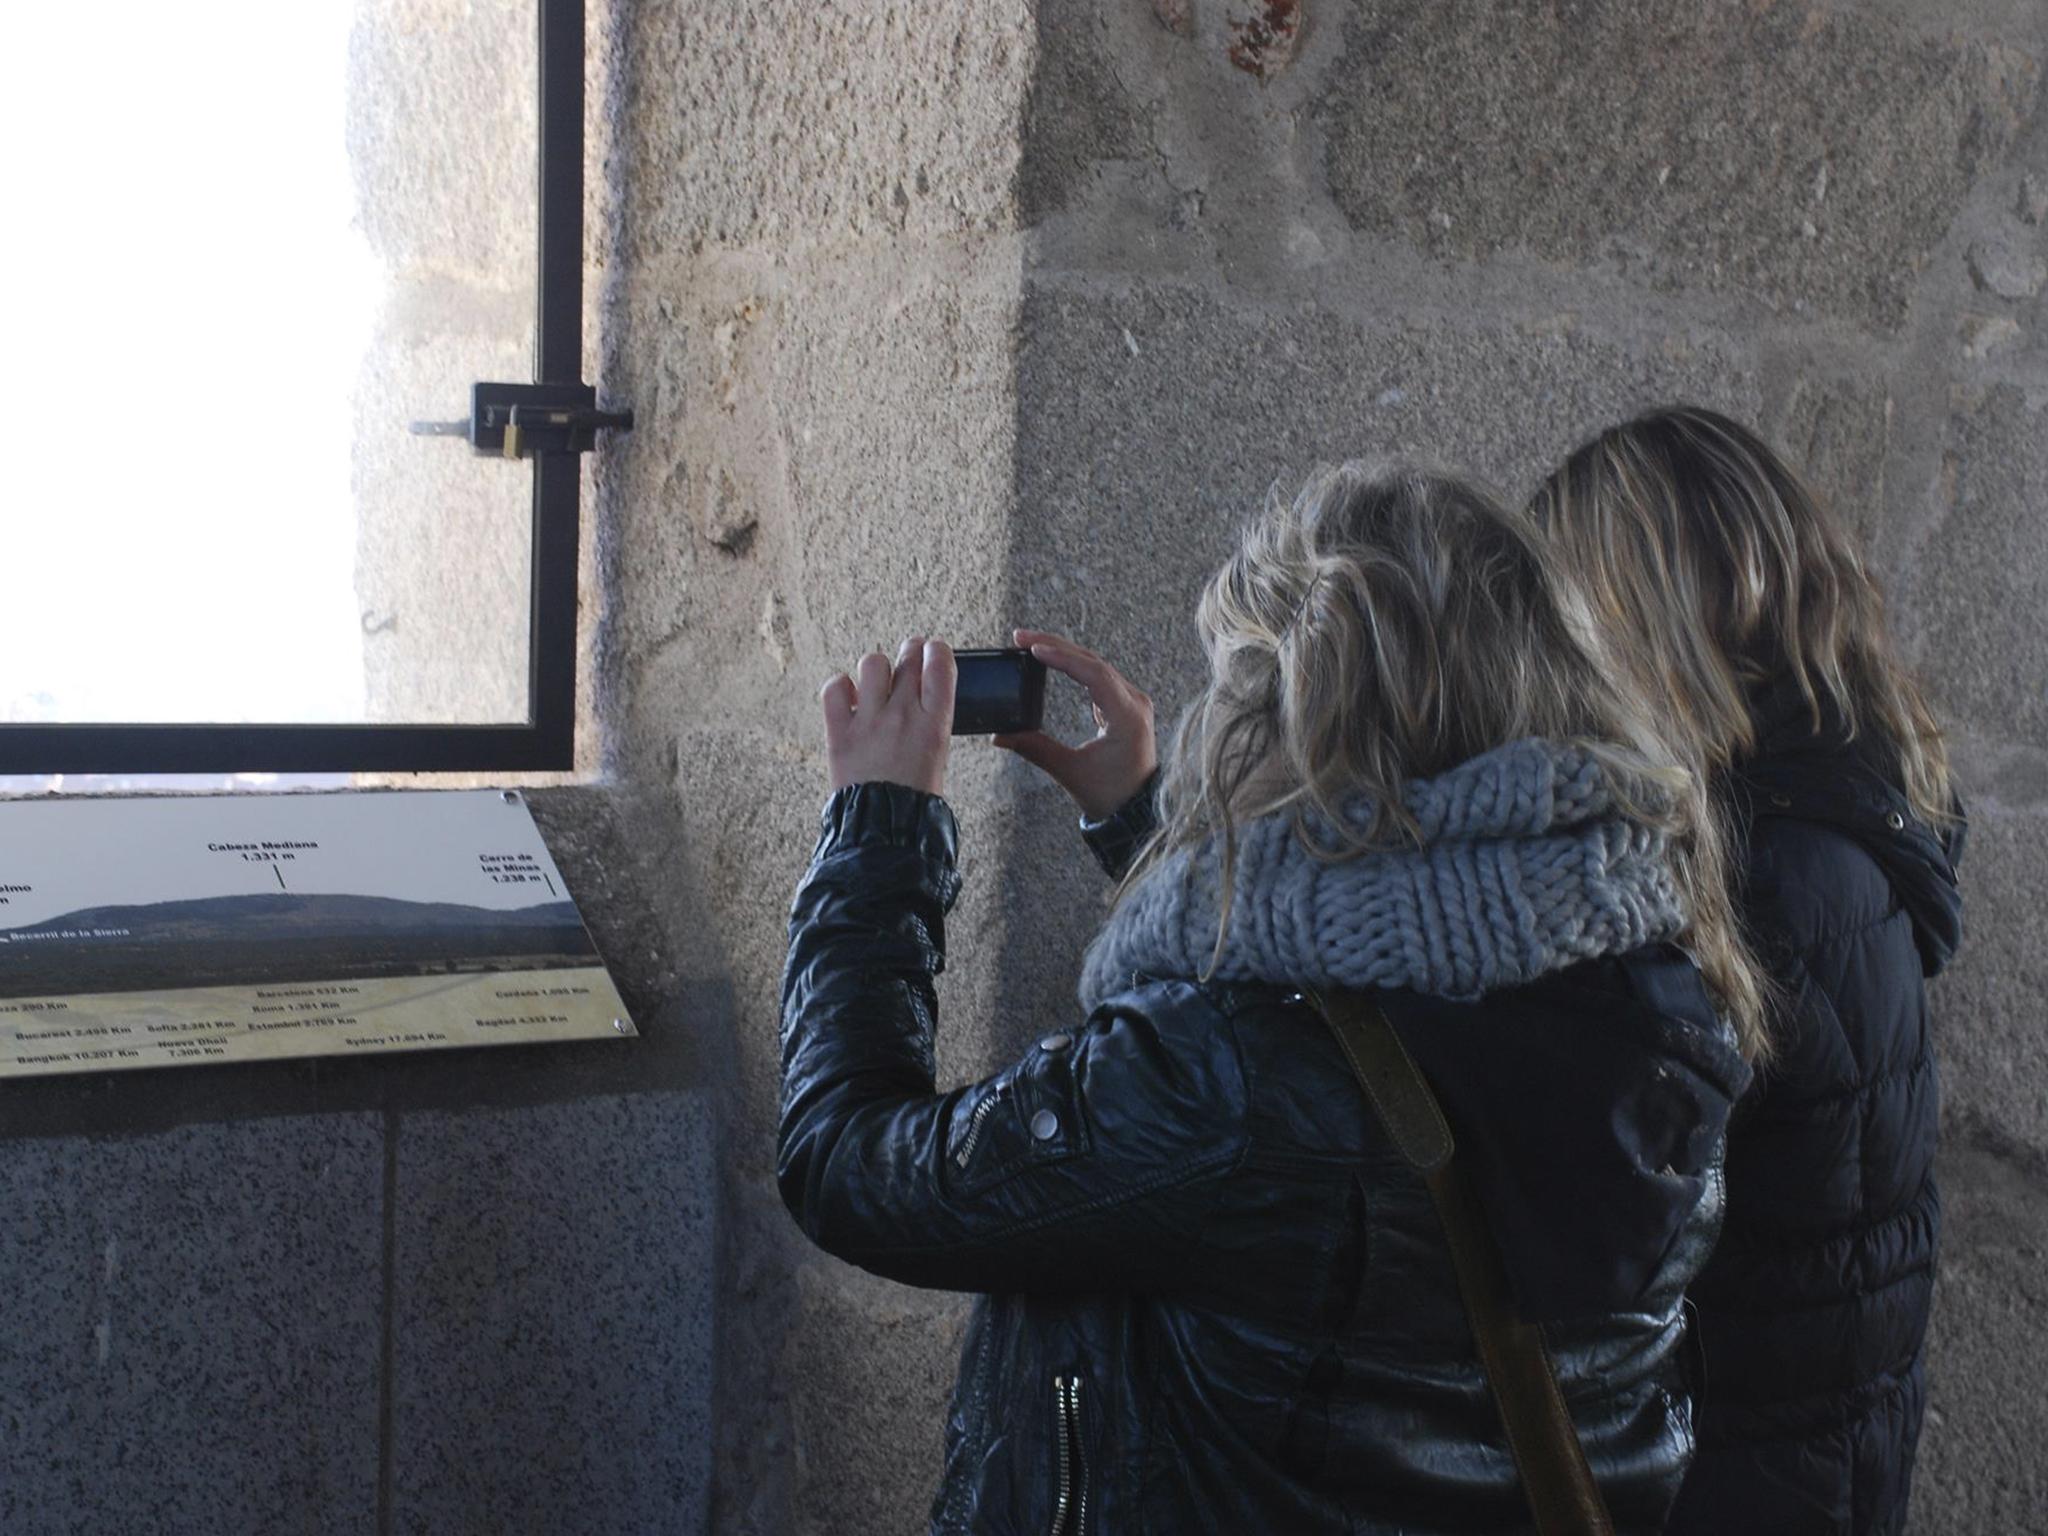 galeria turismo_Mirador